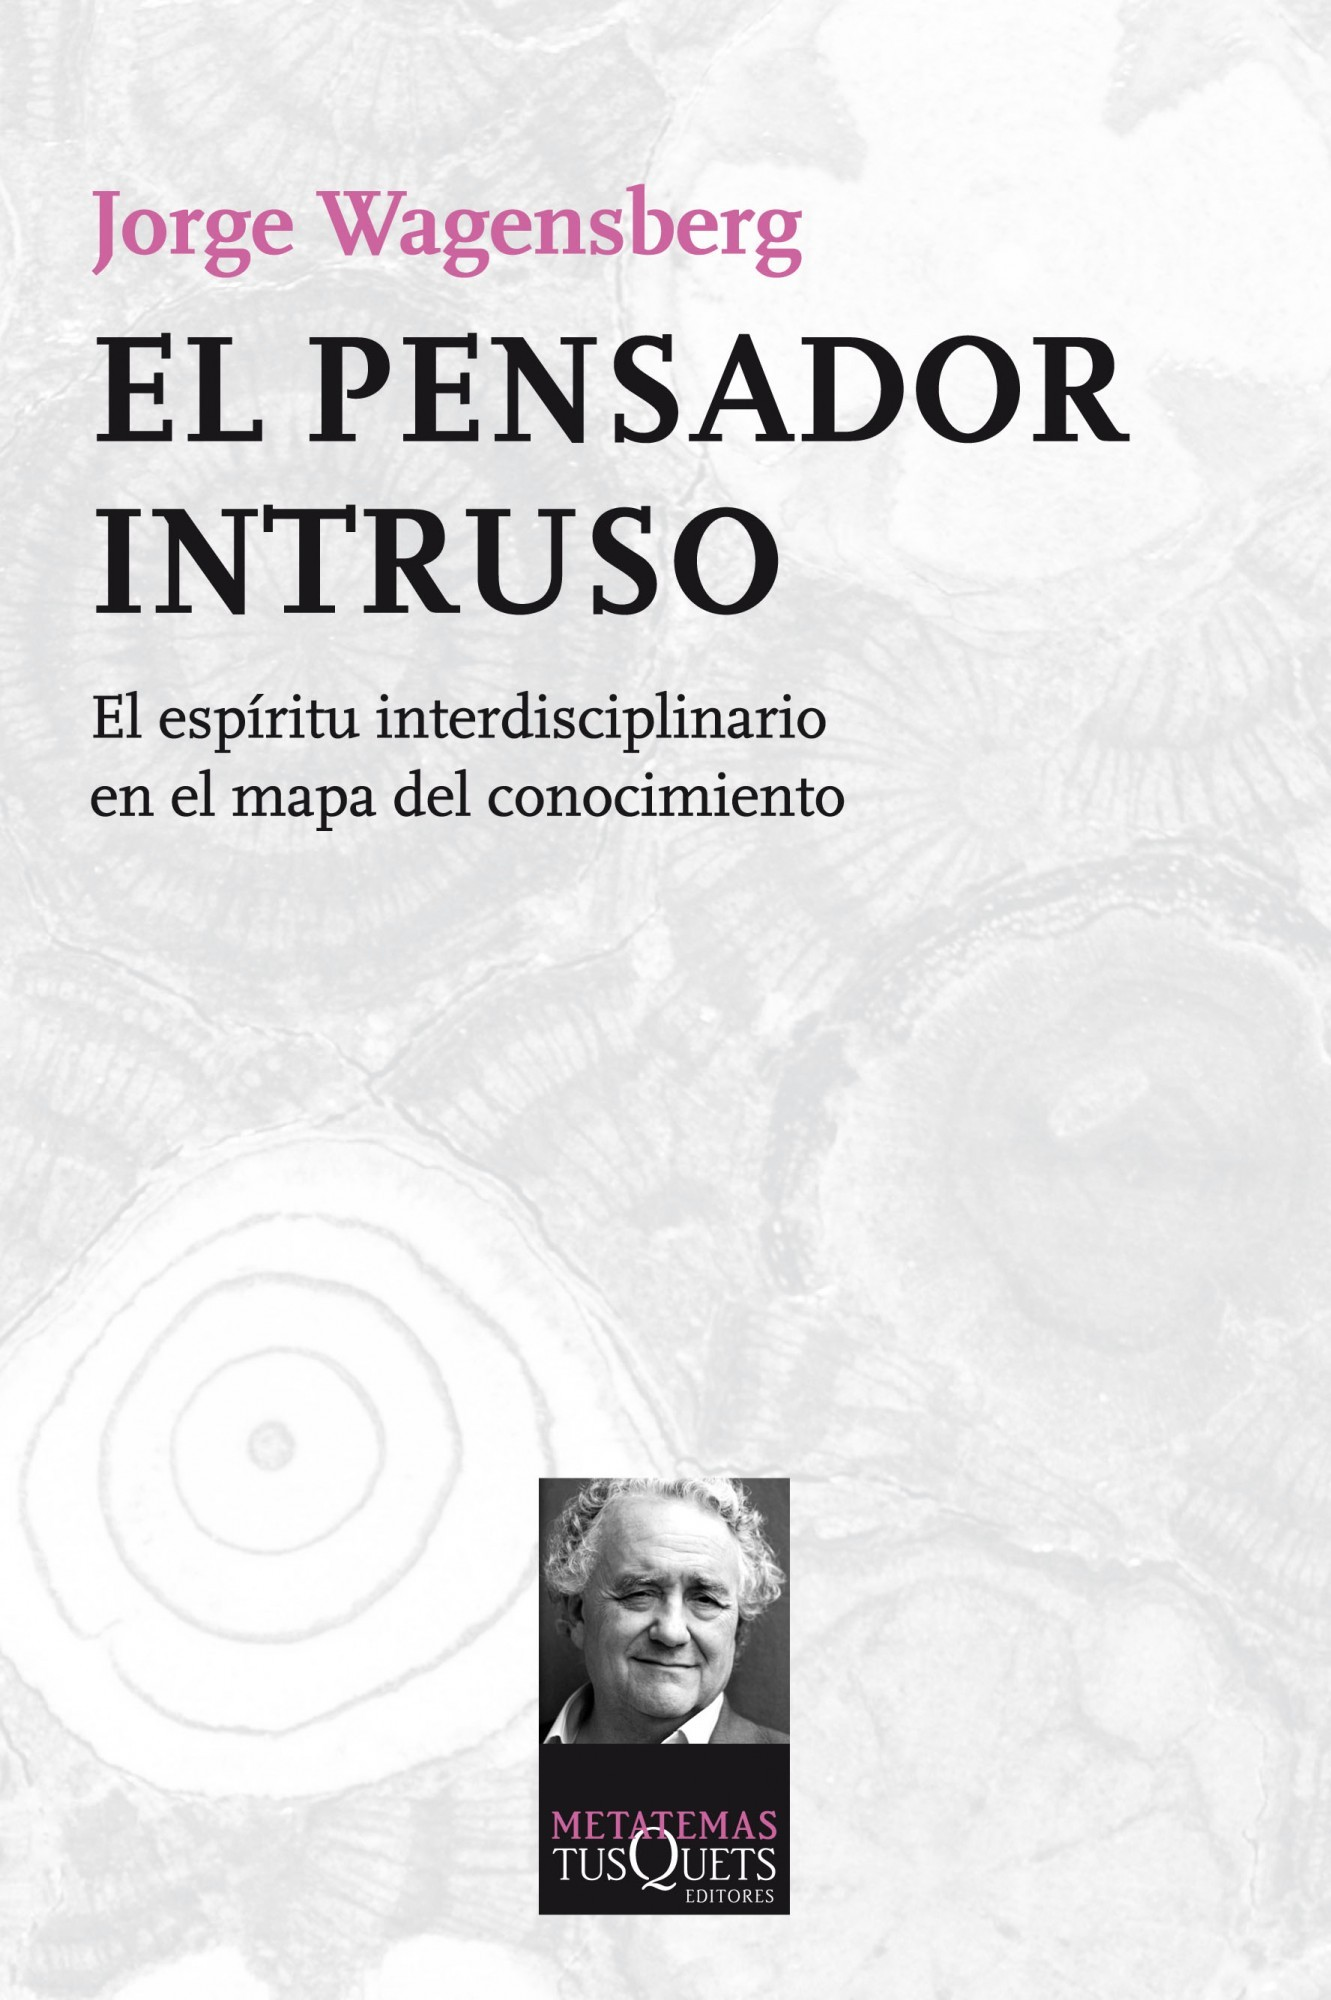 El pensador intruso. El espíritu interdisciplinario en el mapa del conocimiento Jorge Wagensberg